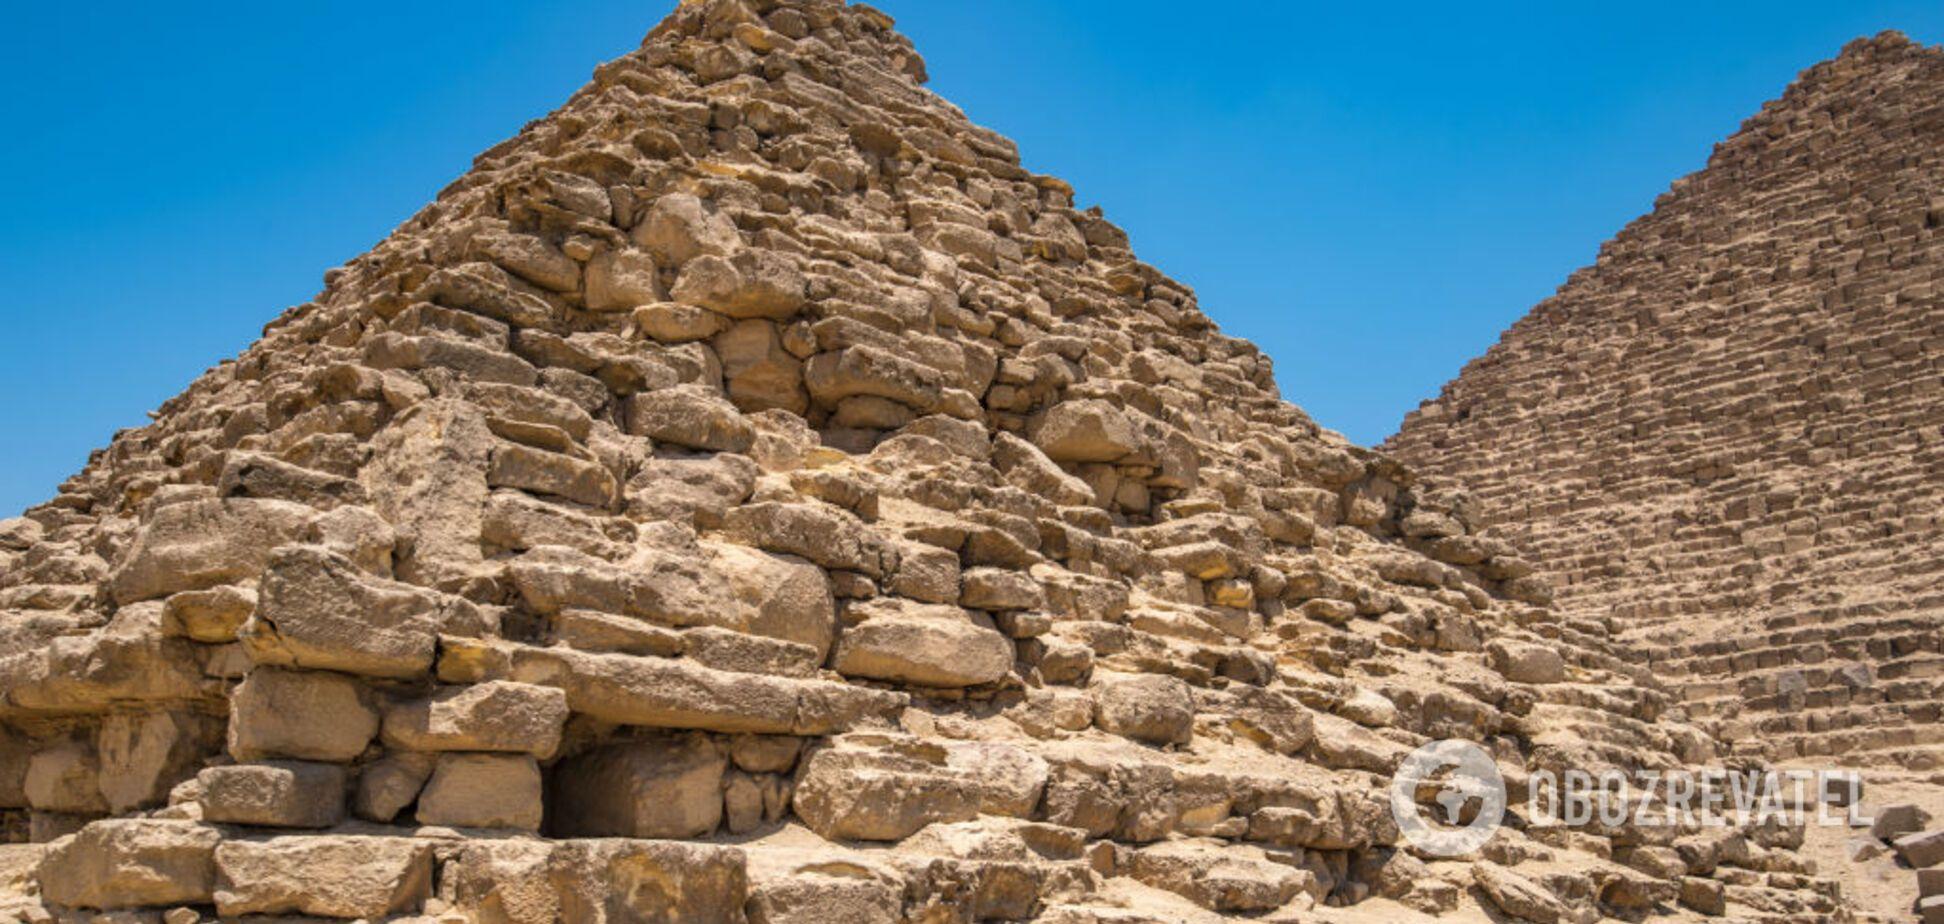 Піраміди Єгипту почали стрімко руйнуватися: вчені забили тривогу